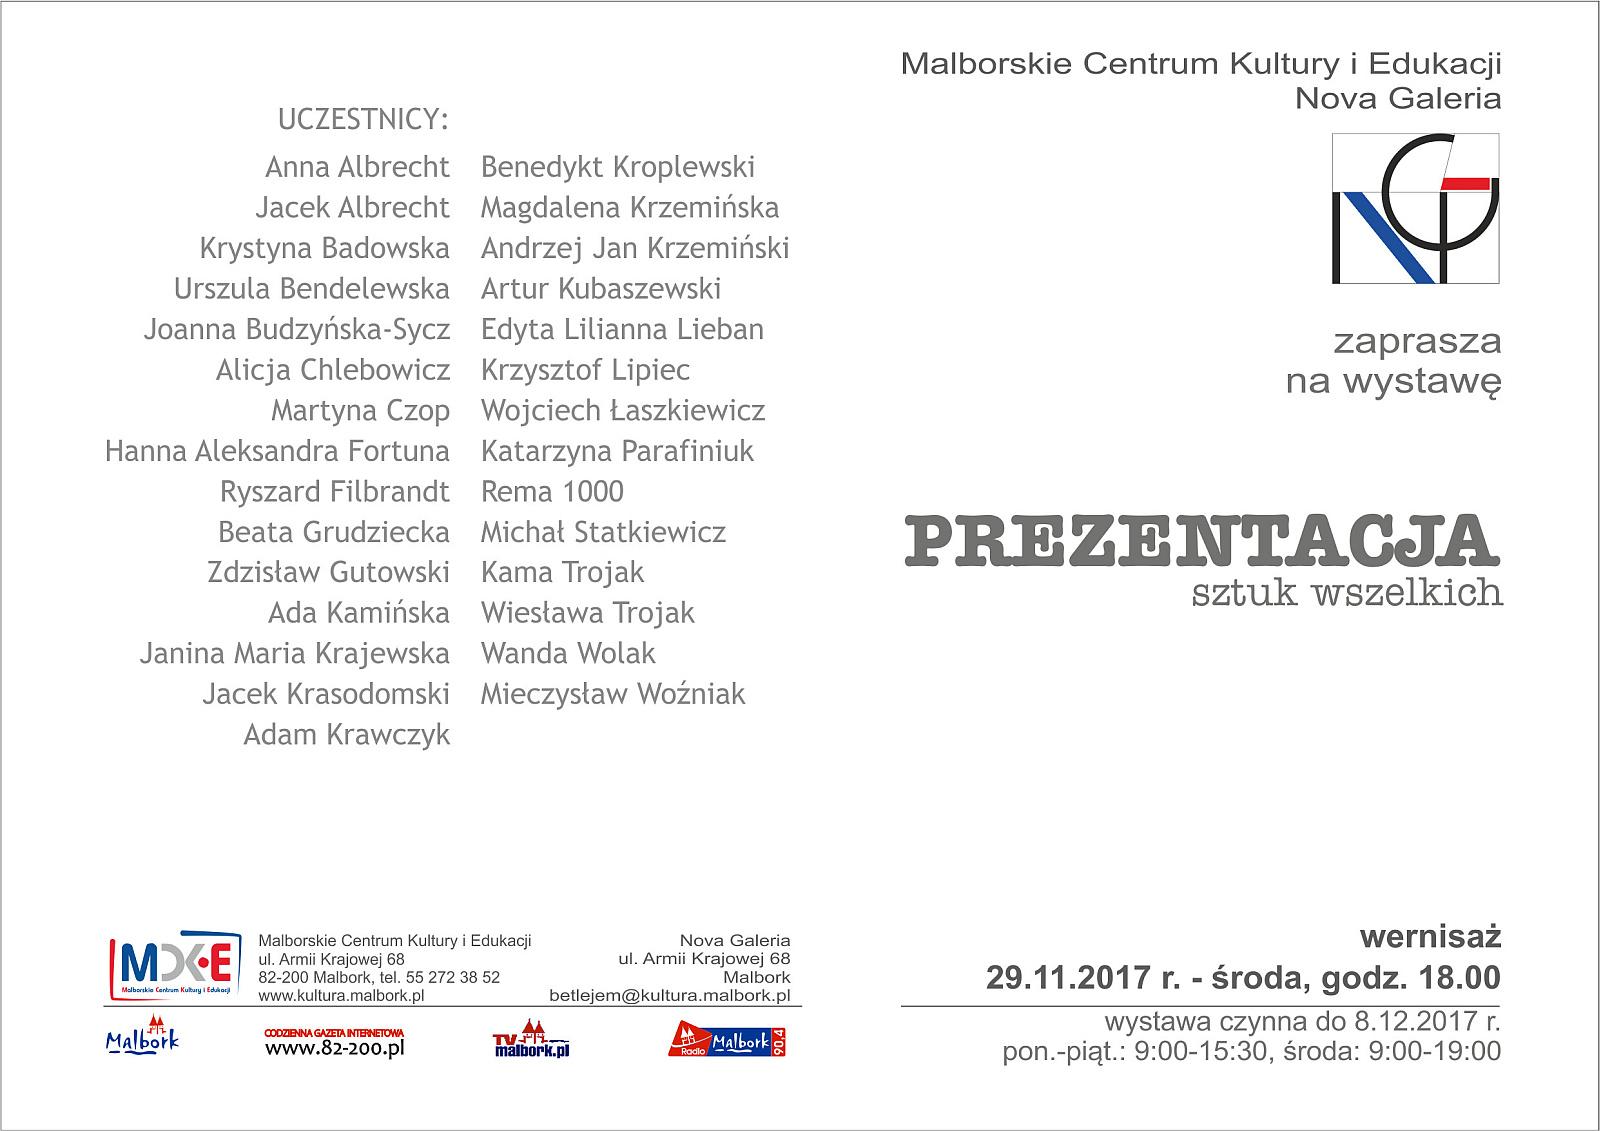 http://m.82-200.pl/2017/11/orig/zaproszenieprezentacja17str2-2002.jpg